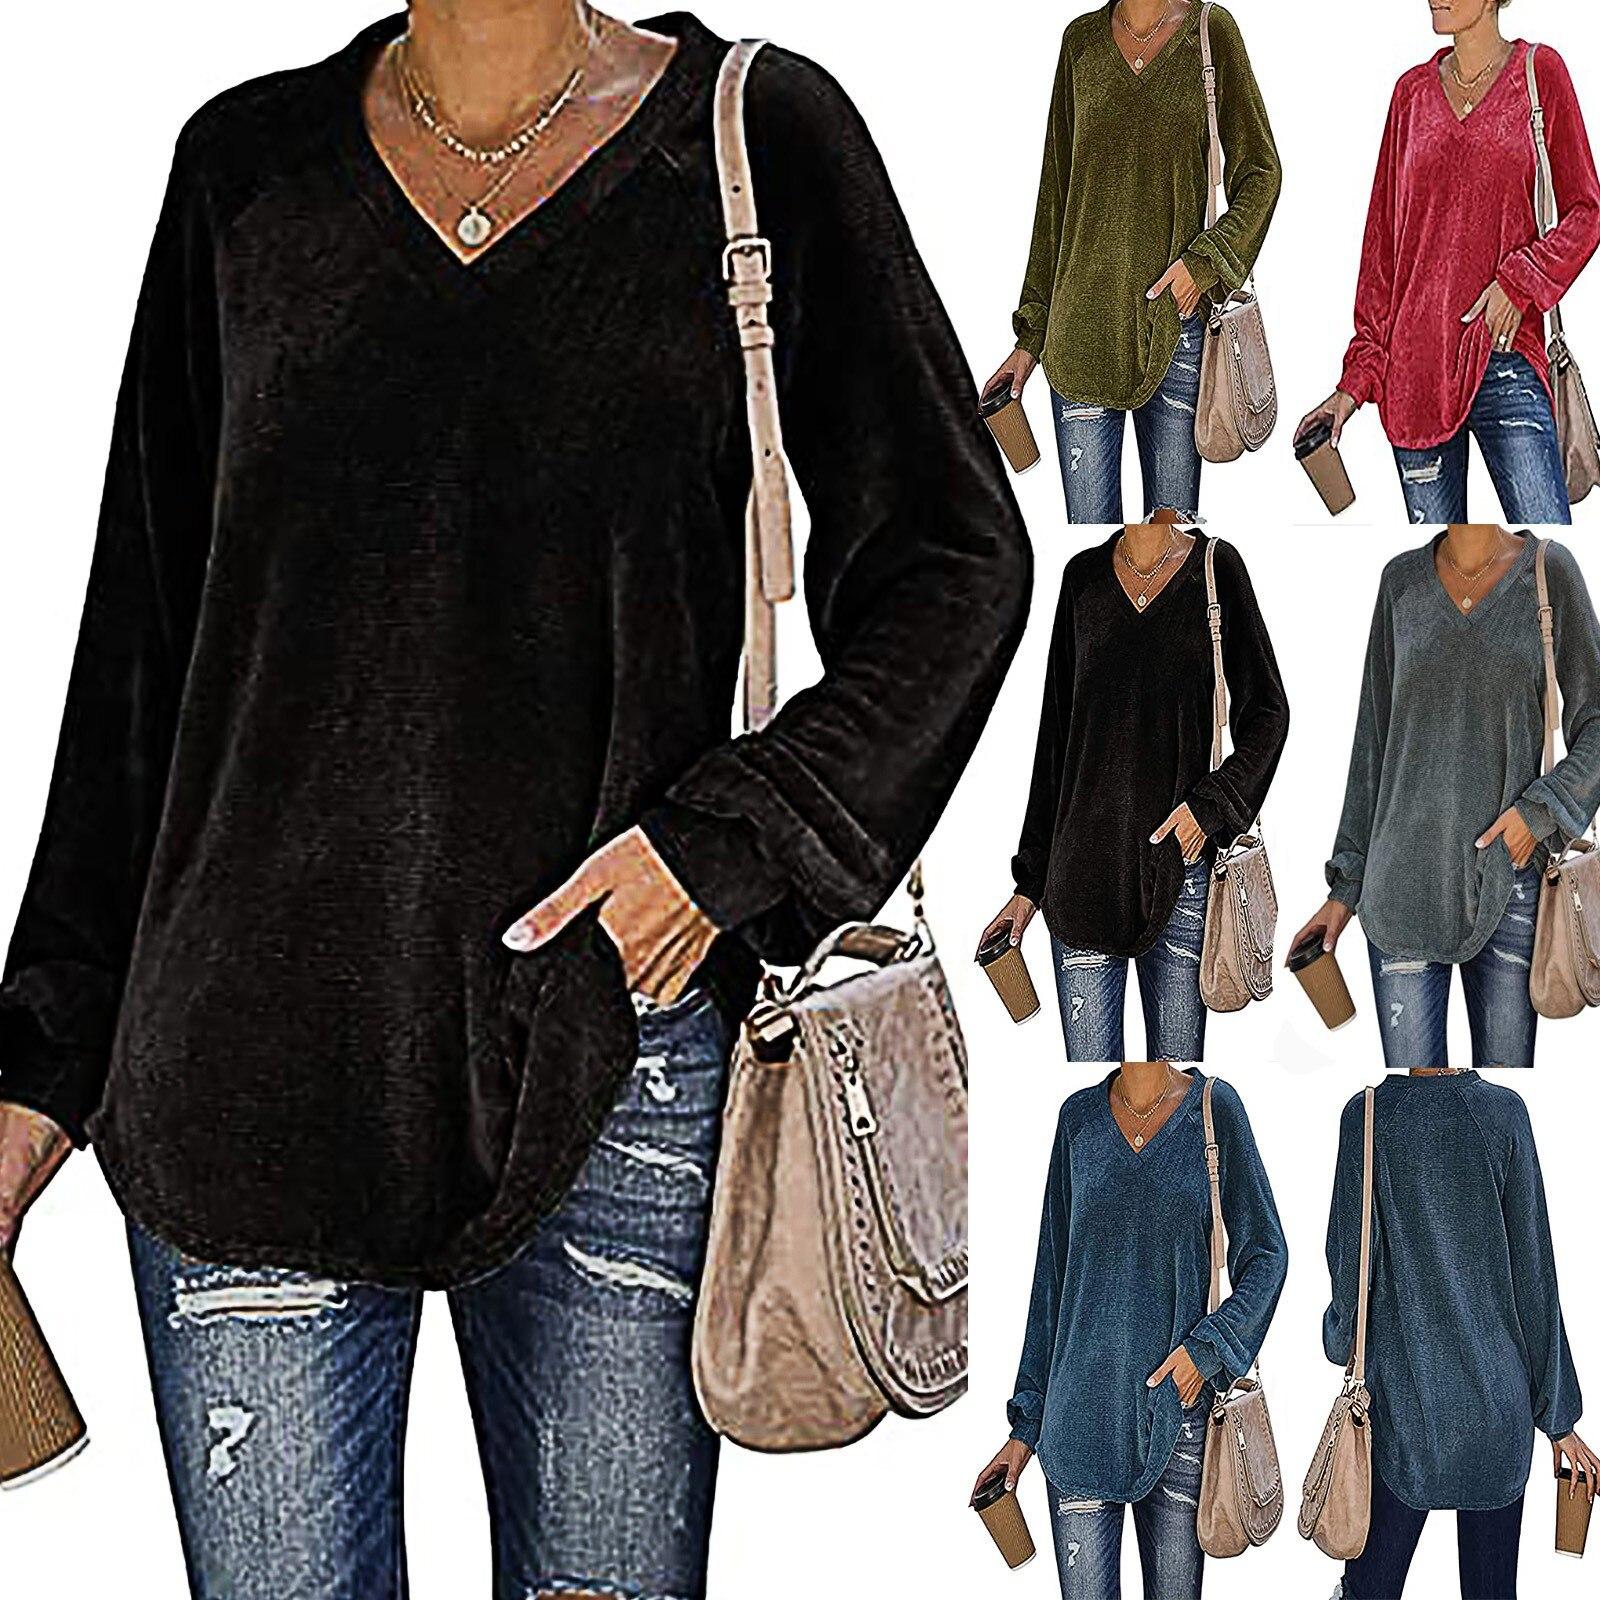 Женские повседневные Толстовки с длинным рукавом и v-образным вырезом, цветные футболки, свитшоты, туника, топы, толстовка, женская уличная одежда